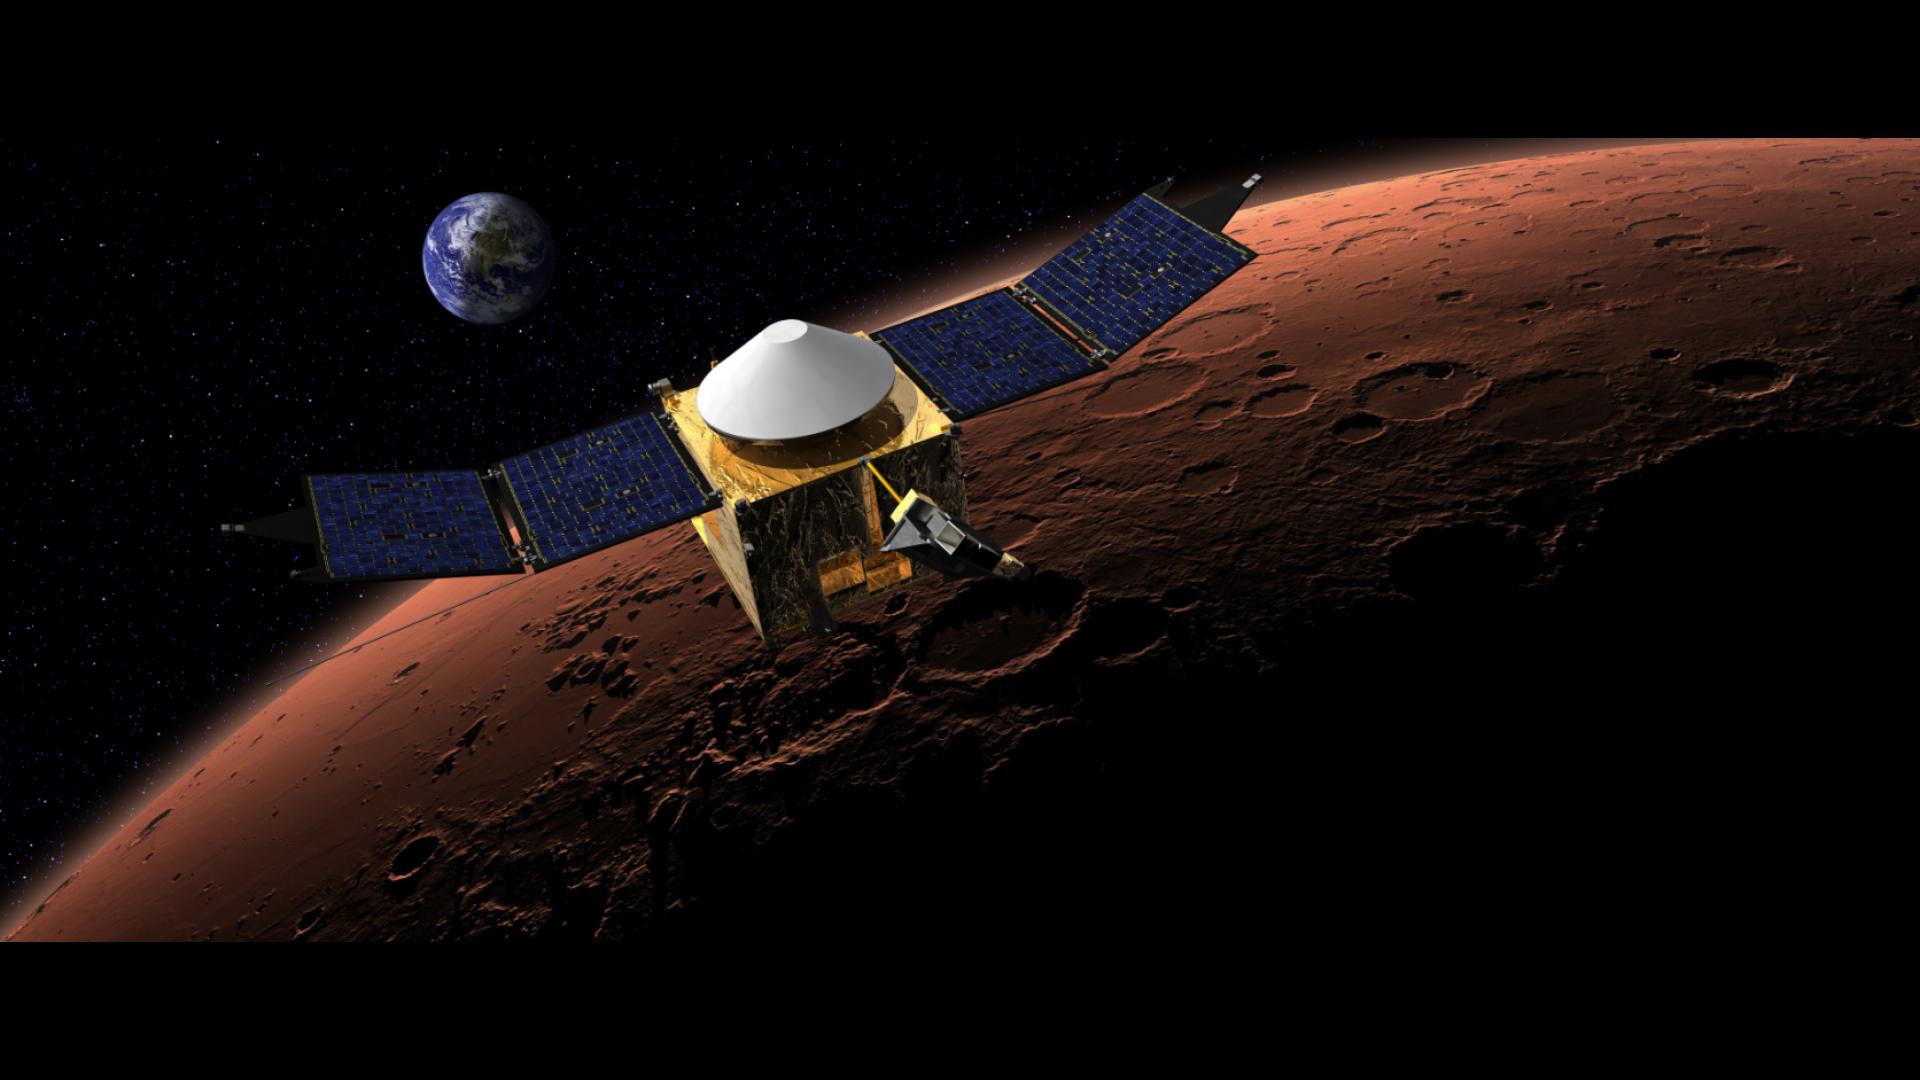 Sonda que estudará atmosfera de Marte entra na órbita do planeta